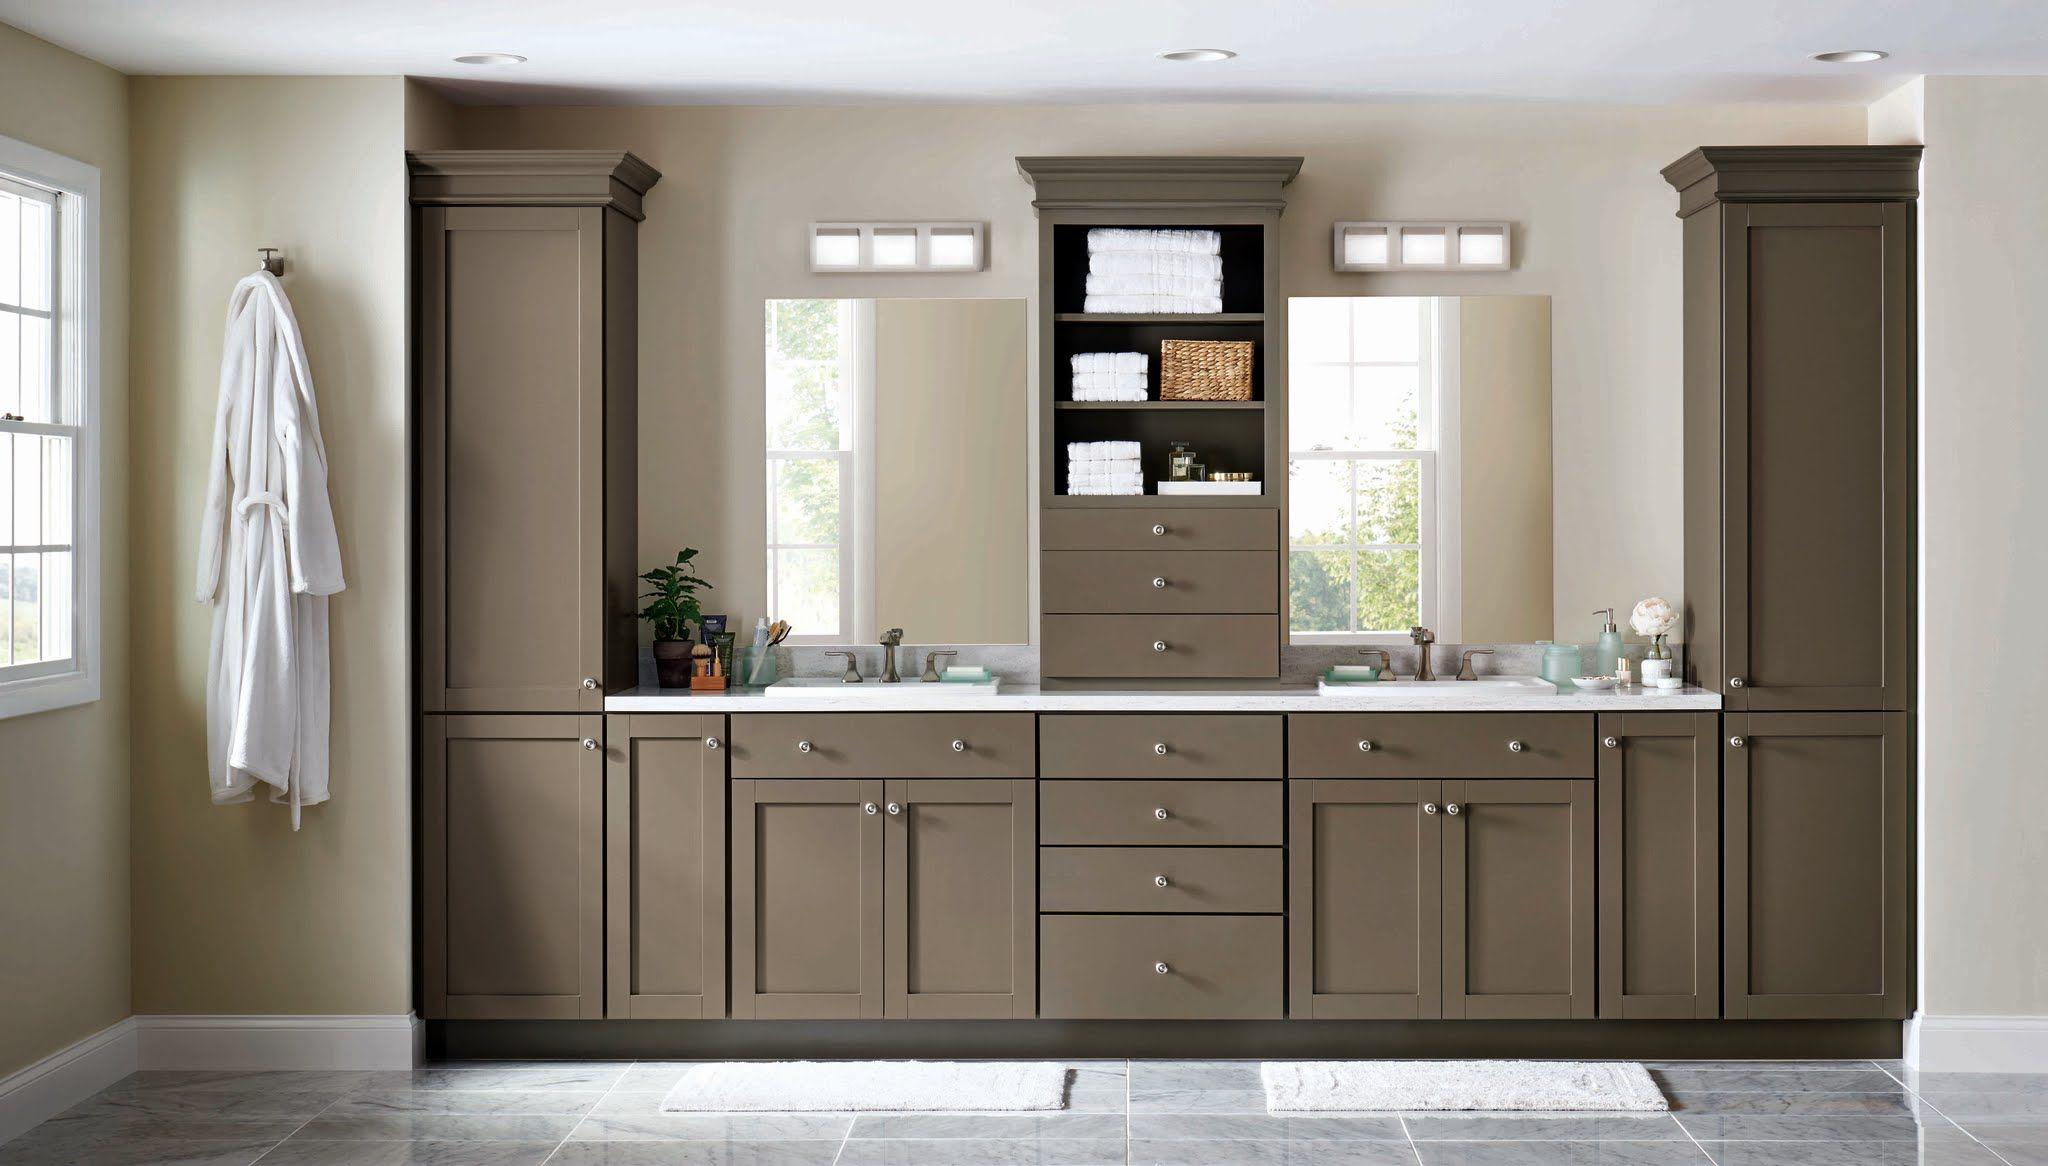 Billig Kuchen Martha Stewart Kuche Design Wasche Schranke